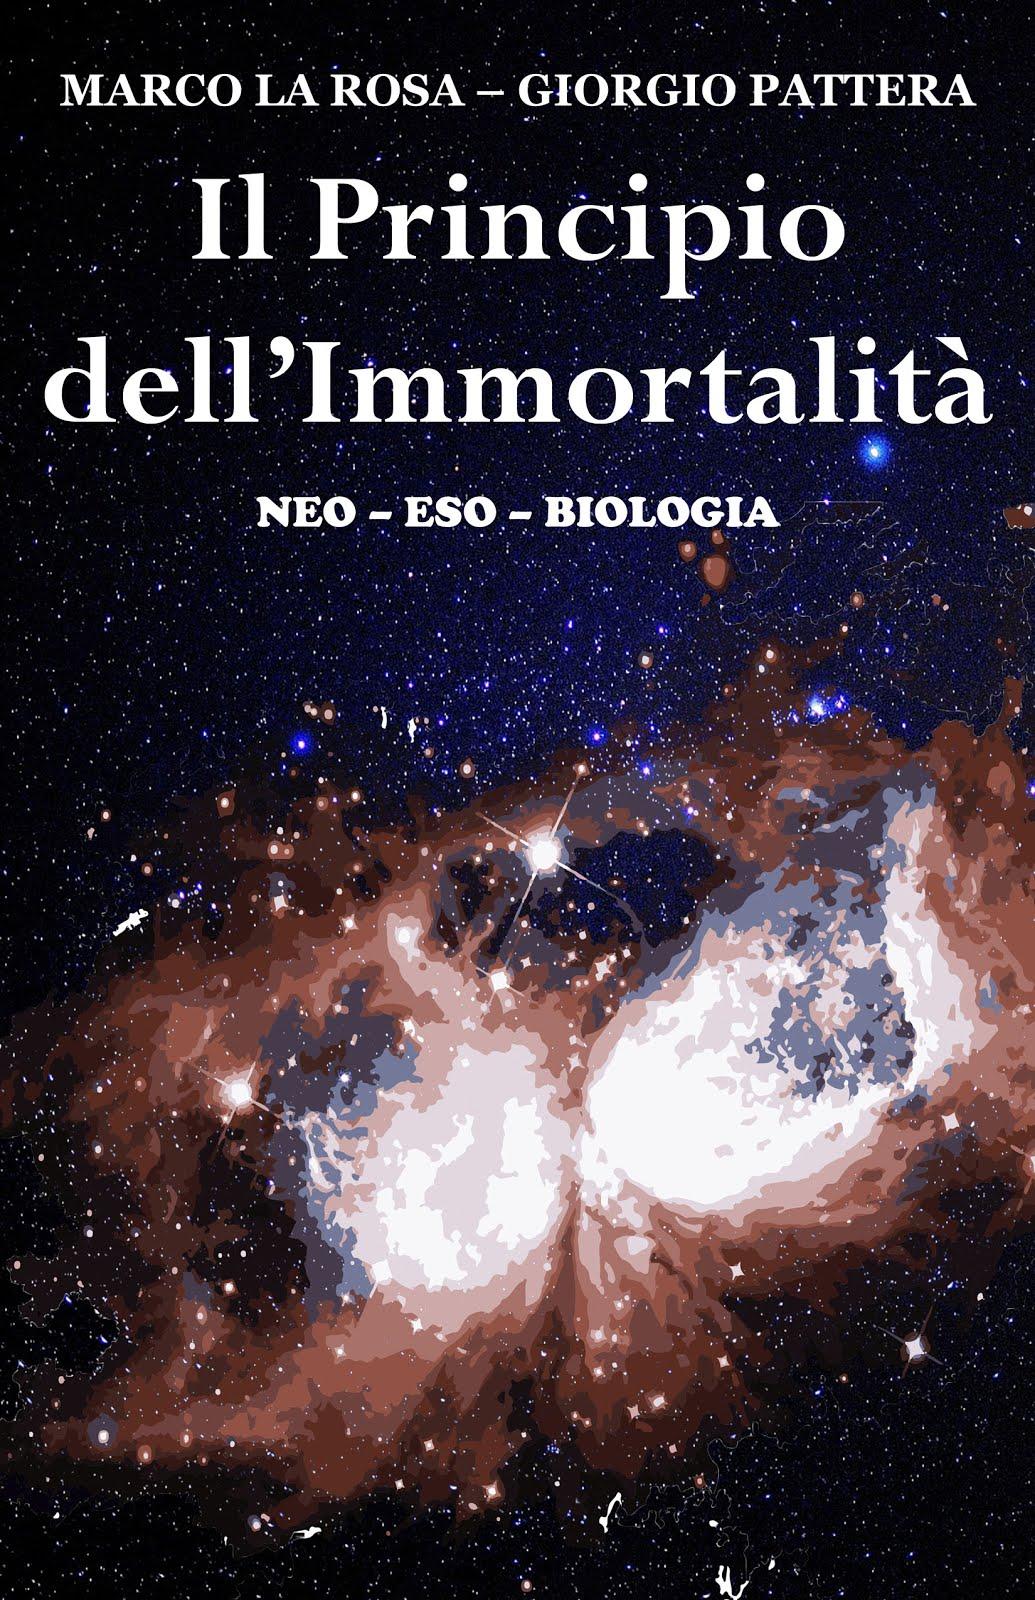 IL PRINCIPIO DELL'IMMORTALITA', neo-eso-biologia